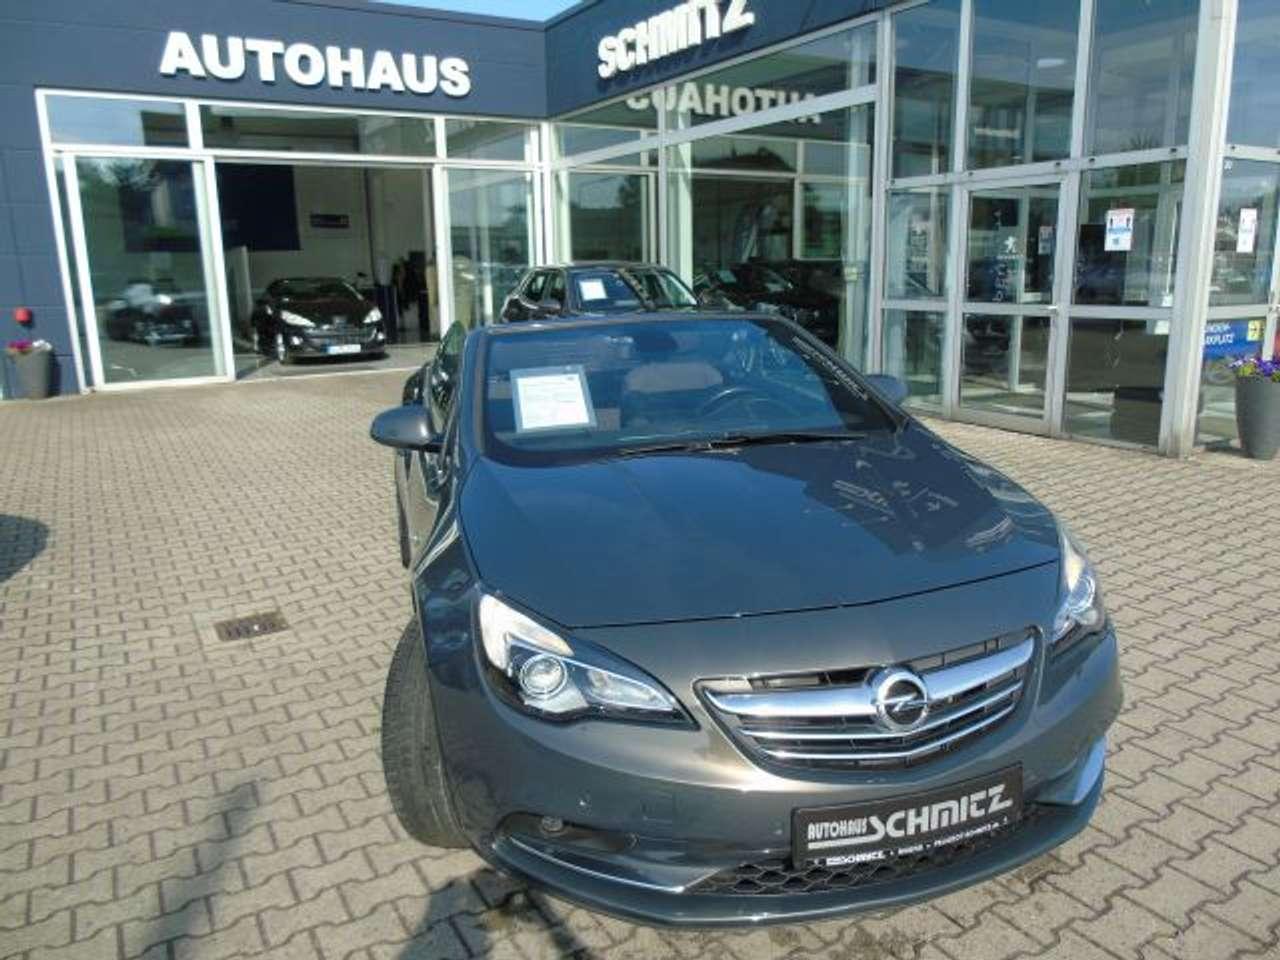 Autos nach Opel Cascada 1.4 Turbo